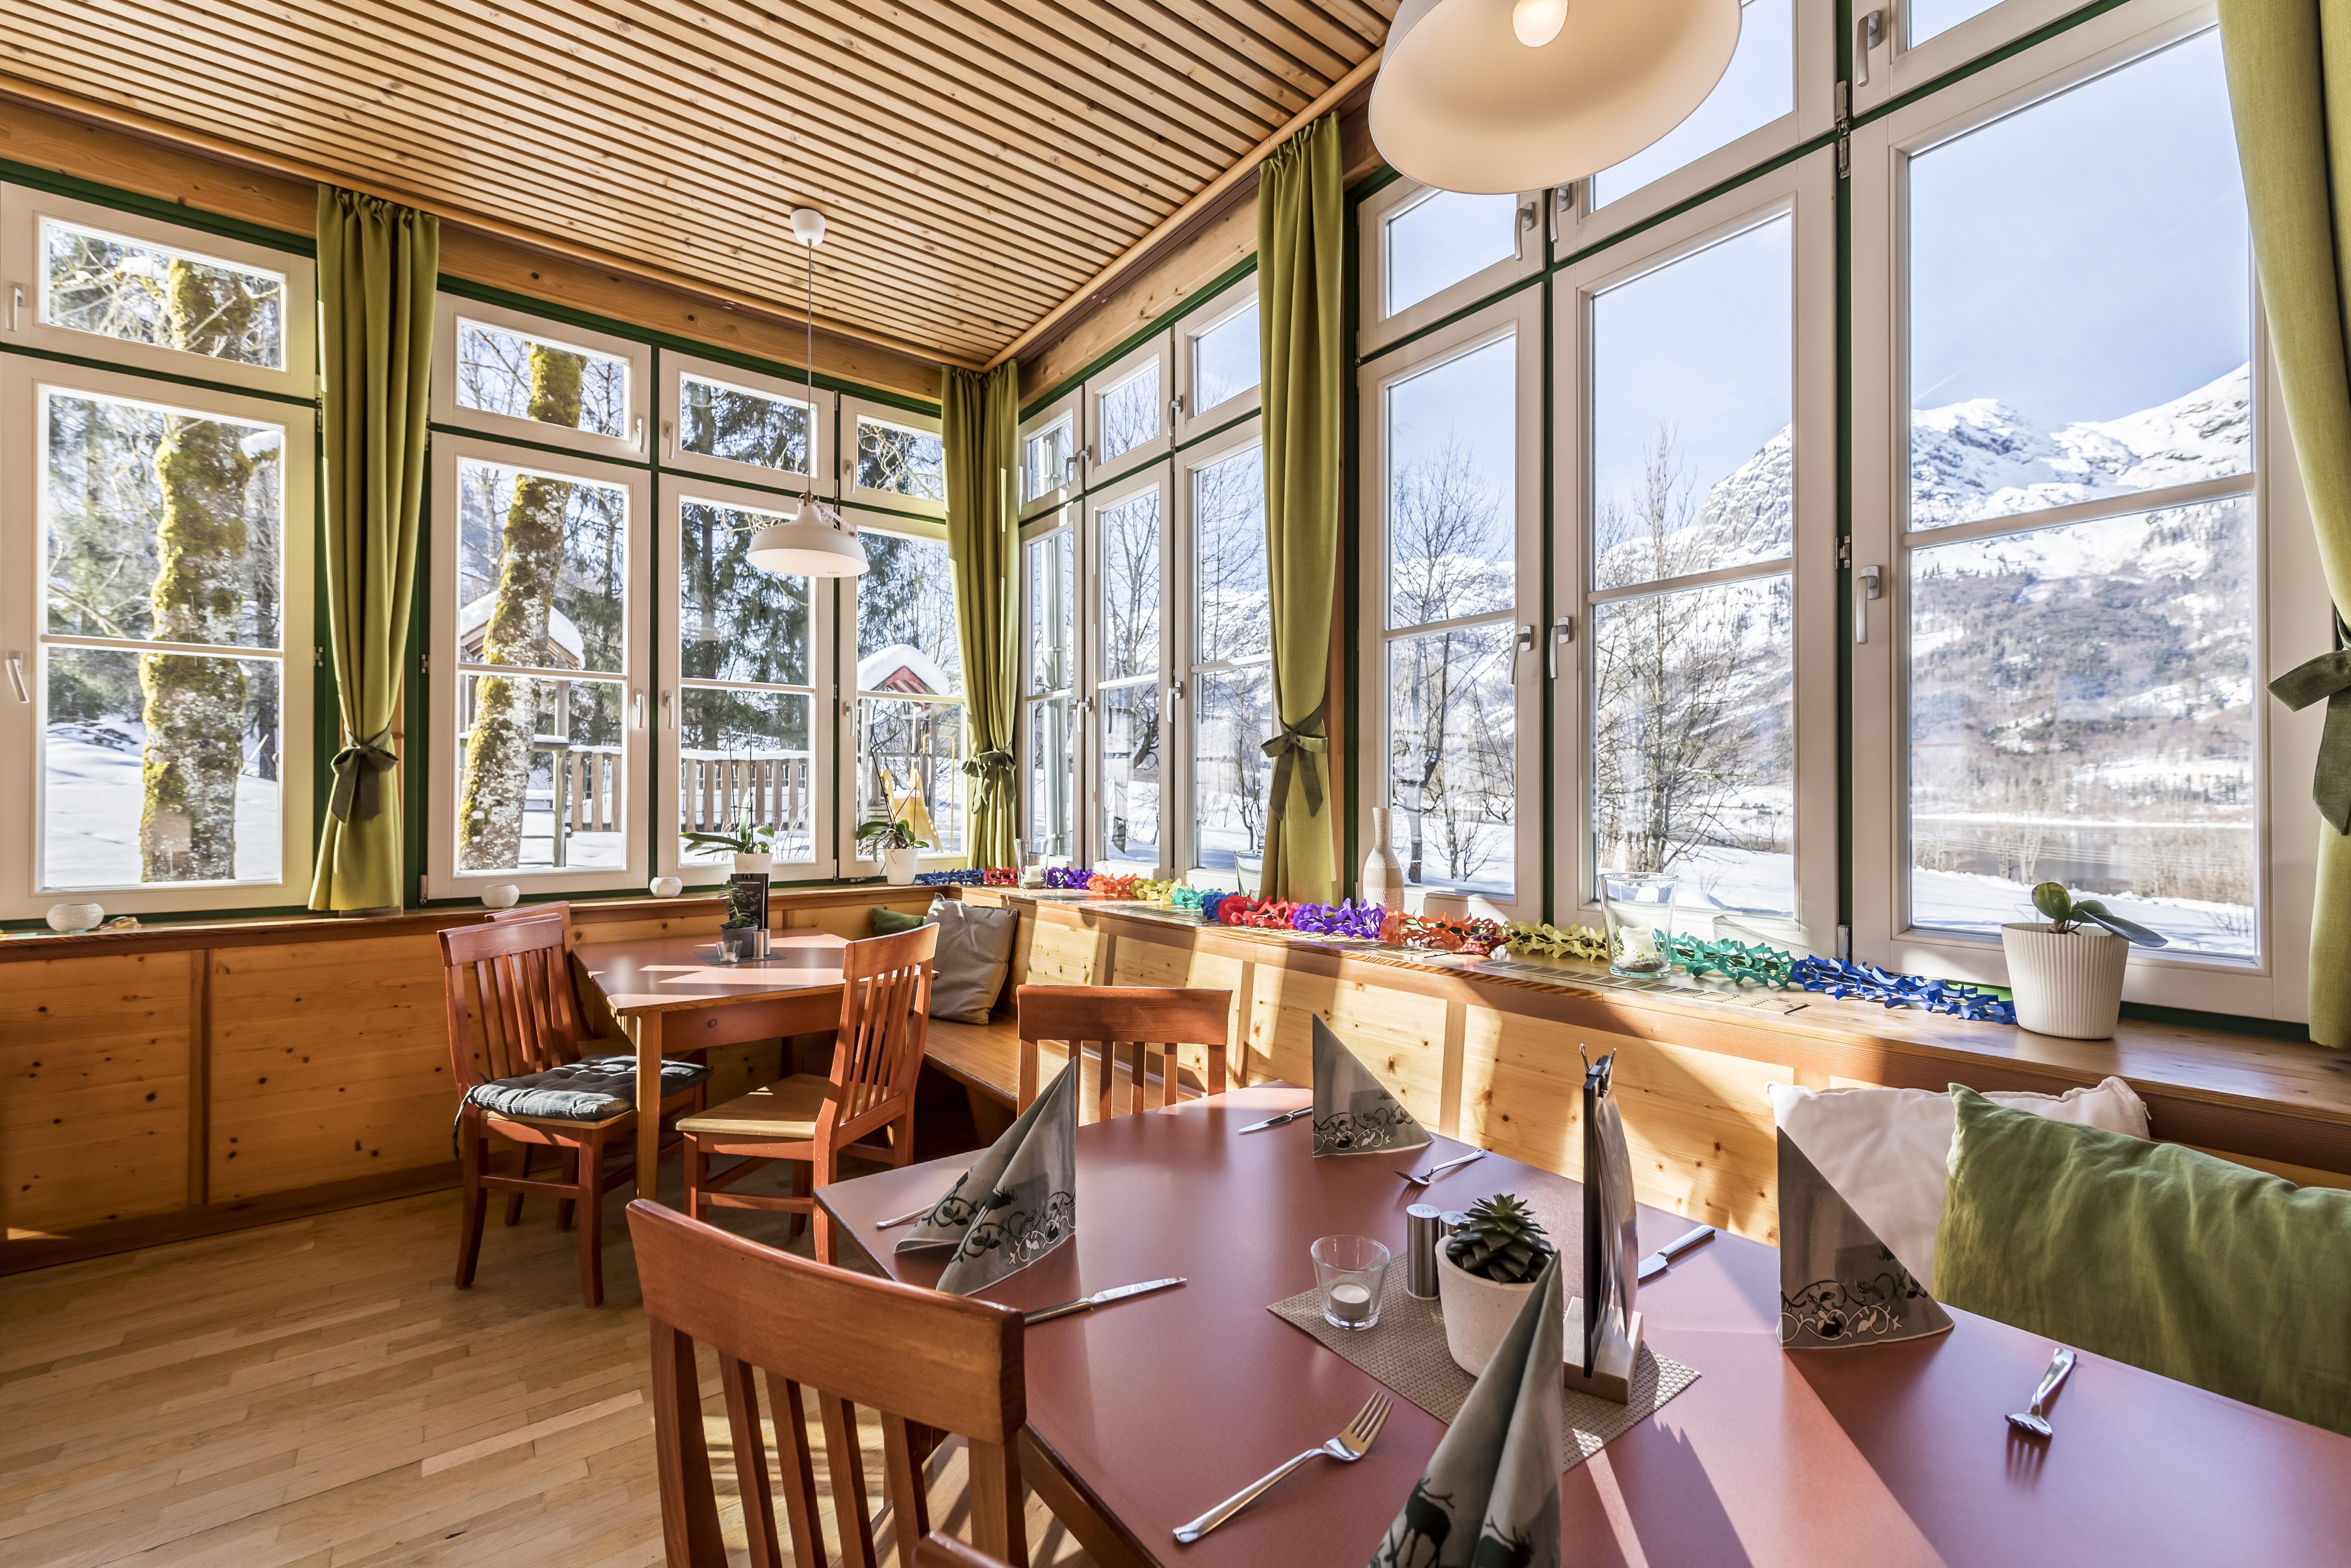 Sie sehen das Restaurant im JUFA Hotel Grundlsee*** mit Tischdeko. JUFA Hotels bietet erholsamen Familienurlaub und einen unvergesslichen Winterurlaub.